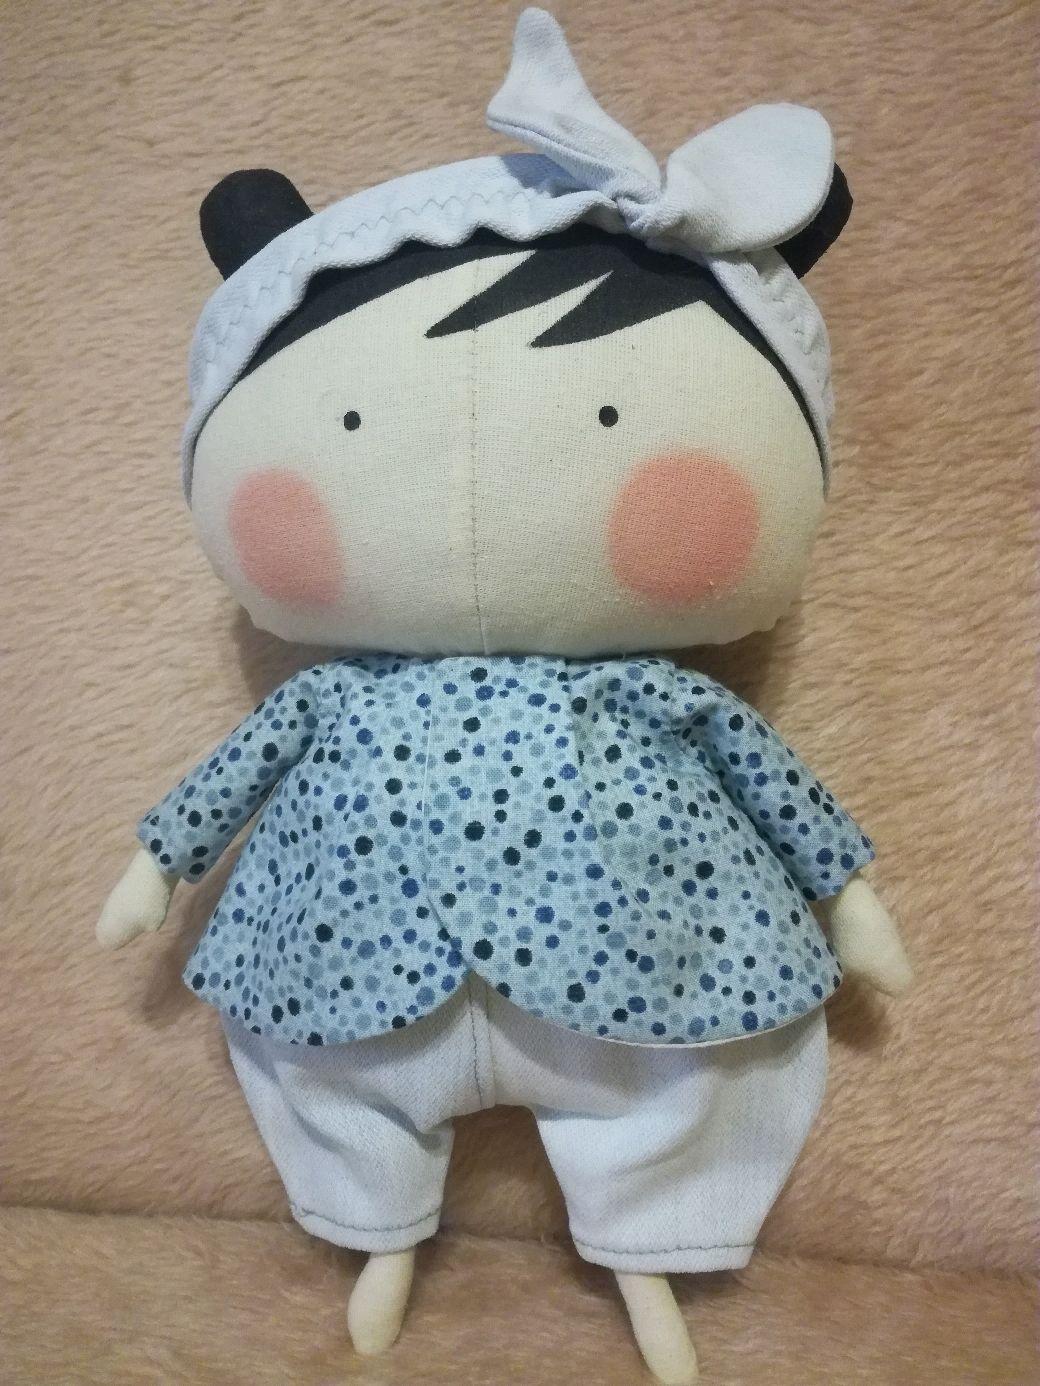 Sweetheart doll, Мягкие игрушки, Москва,  Фото №1